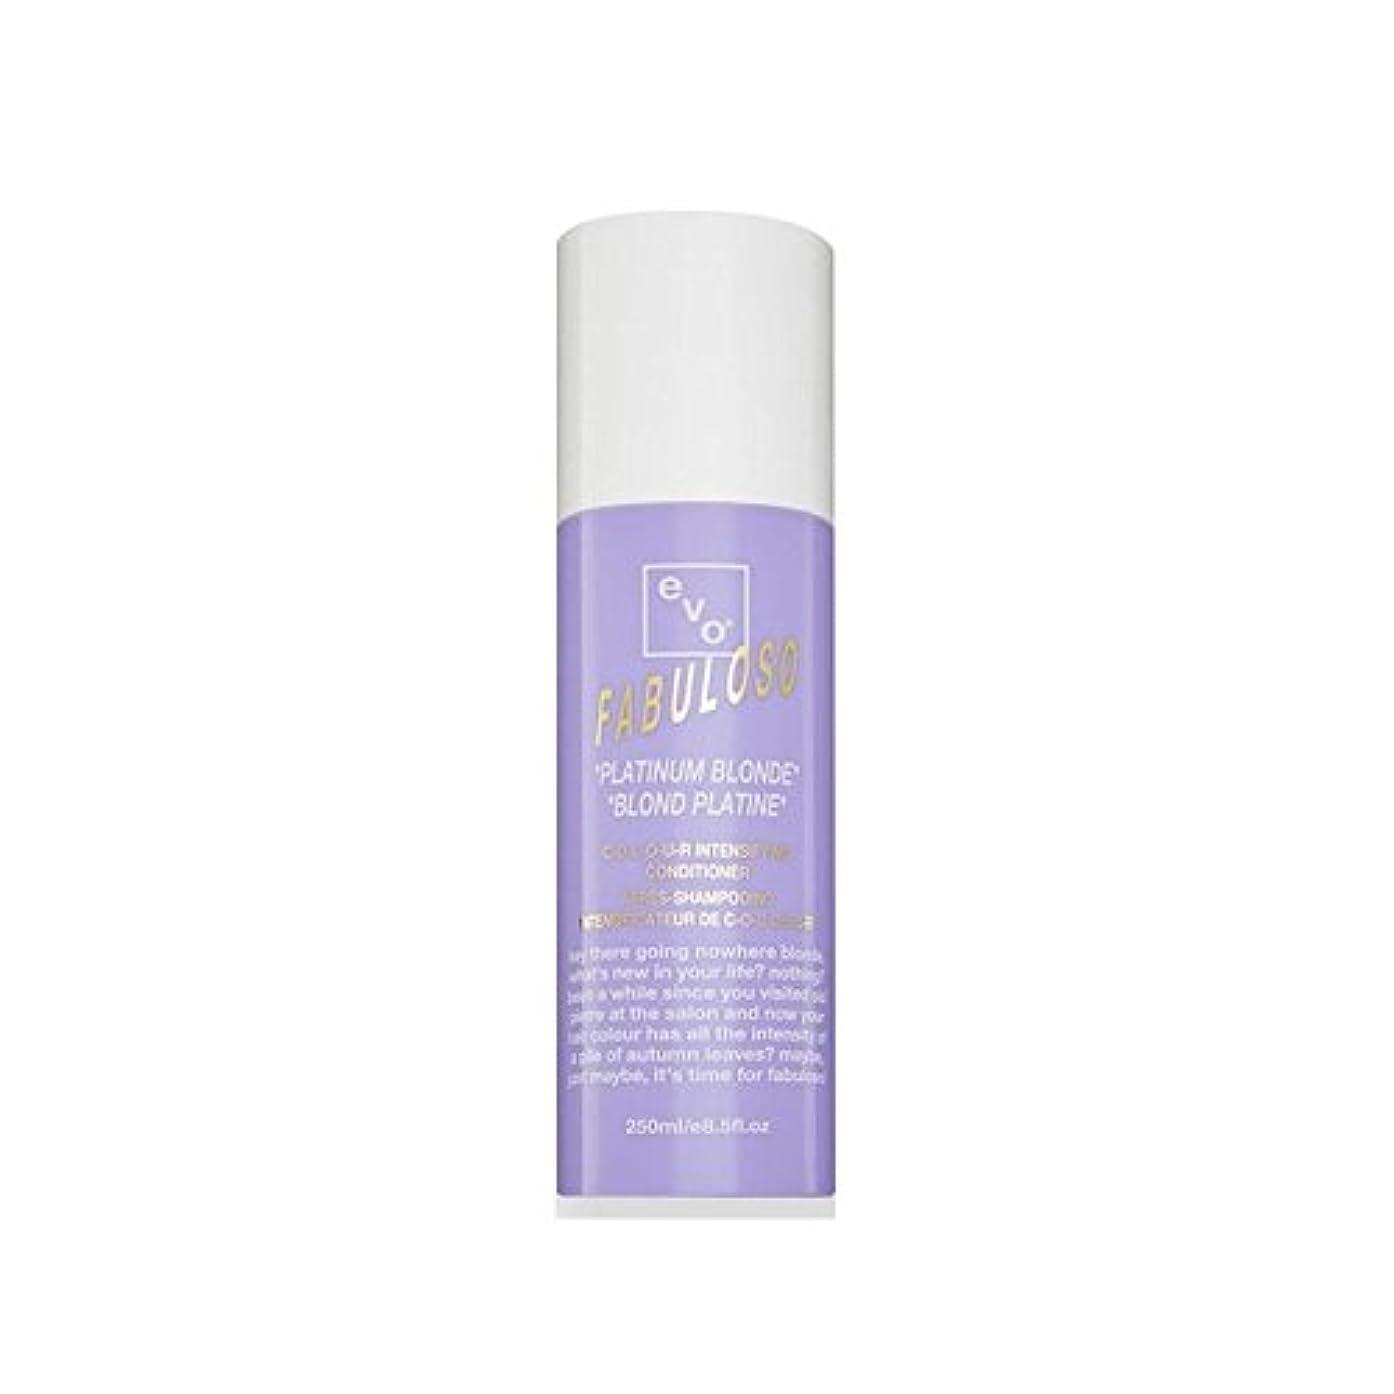 同化大砲タンパク質Evo Fabuloso Colour Intensifying Conditioner Platinum Blonde (250ml) (Pack of 6) - 色増コンディショナープラチナブロンド(250ミリリットル...